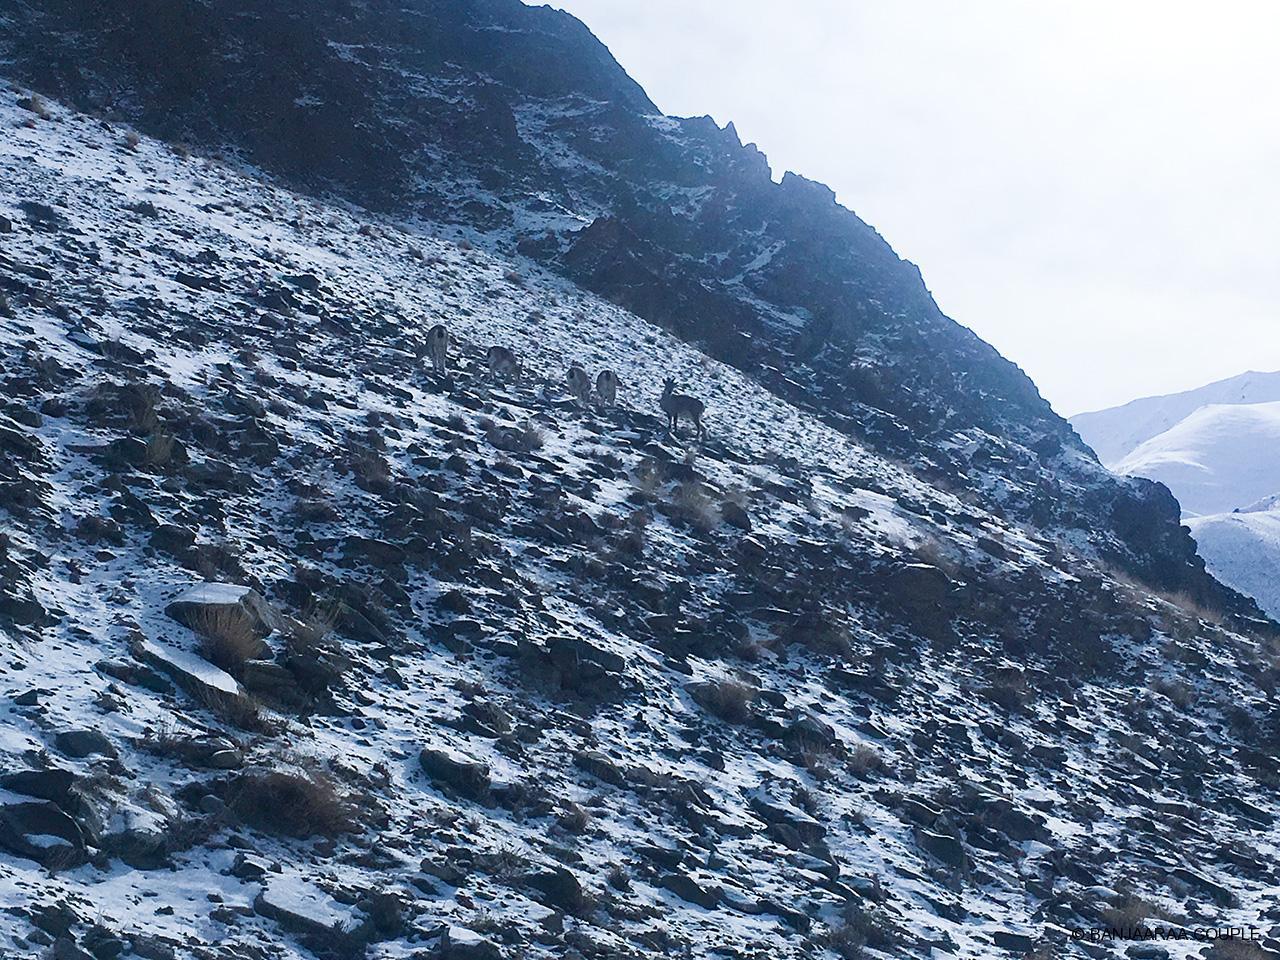 Herd of Blue sheep in Hemis National Park